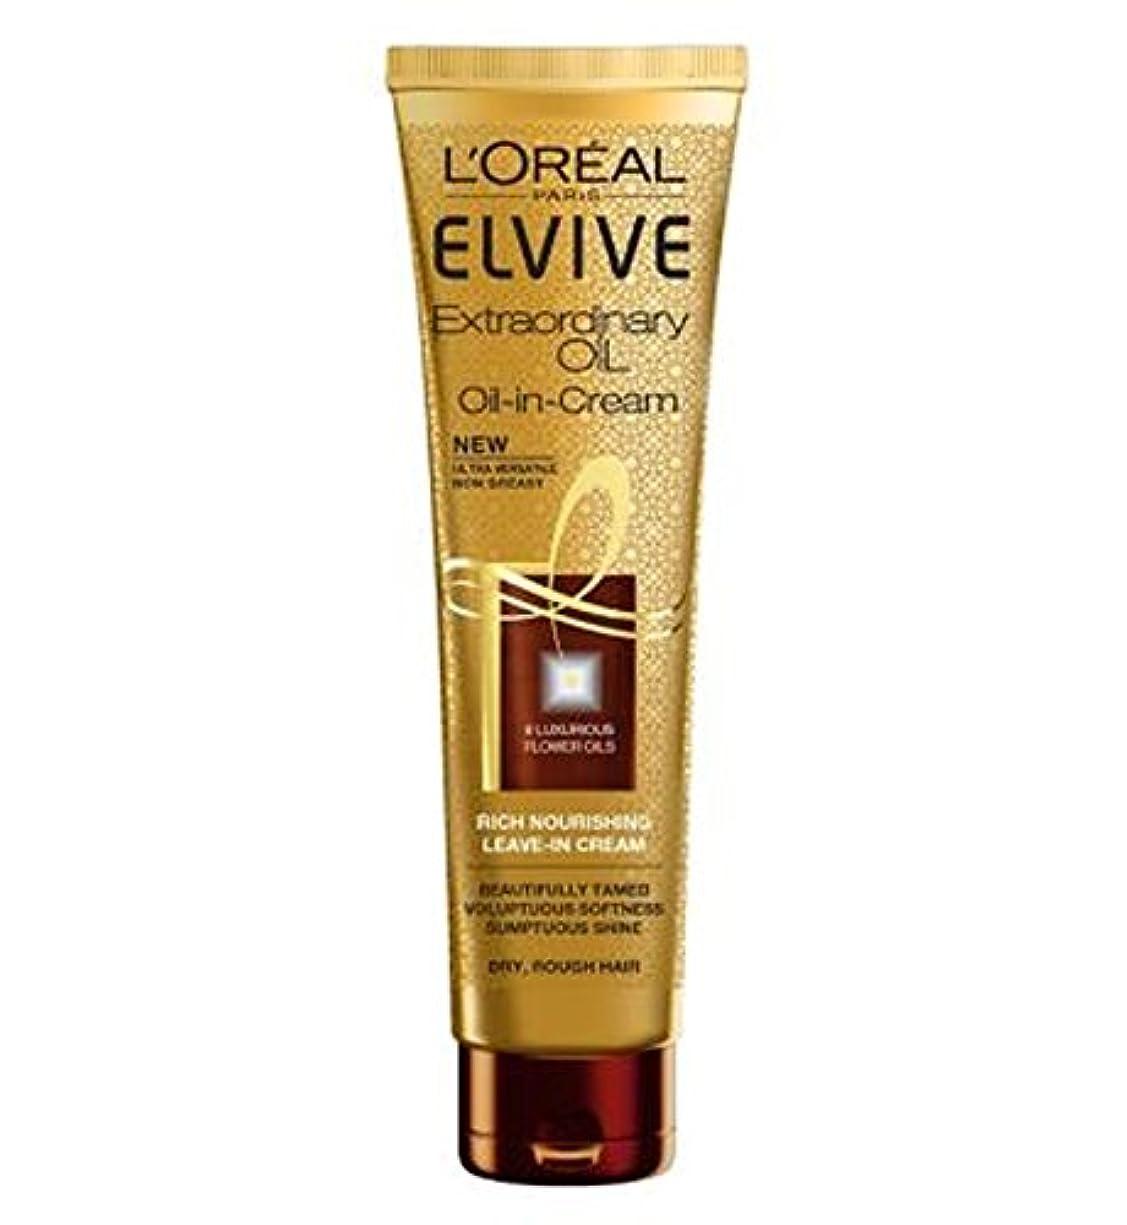 捧げる出版パラダイスクリーム乾いた髪でロレアルパリElvive臨時オイル (L'Oreal) (x2) - L'Oreal Paris Elvive Extraordinary Oil in Cream Dry Hair (Pack of...